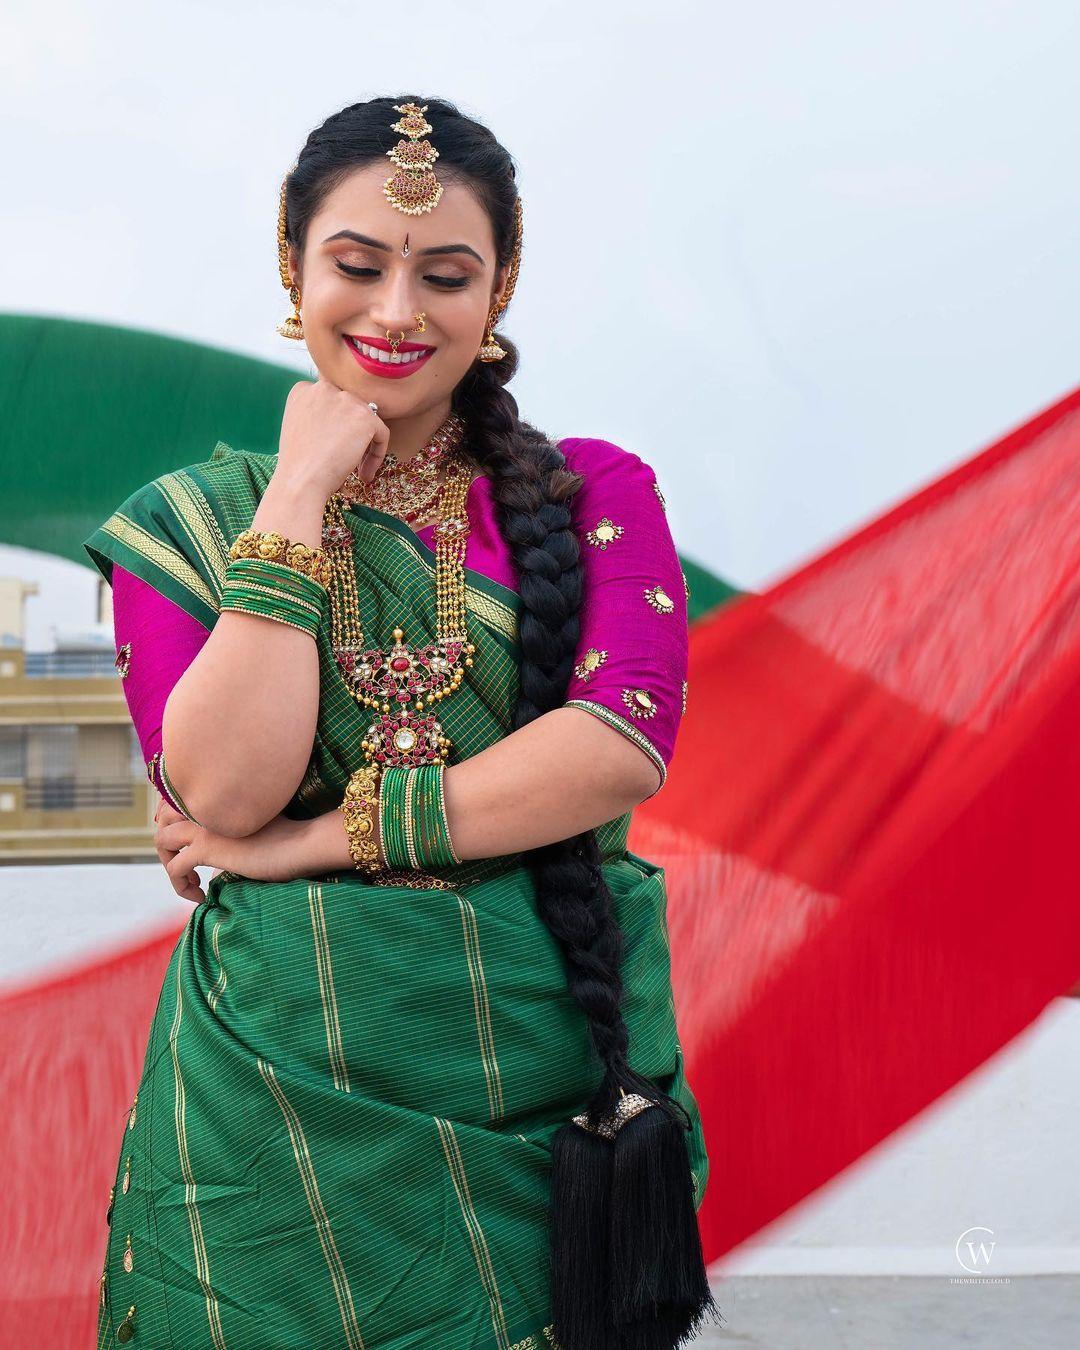 ರಾಕೇಶ್ ಕಾಟ್ವೆ ನಟಿ ಶನಾಯಾ ಕಾಟ್ವೆ ಅವರ ಸಹೋದರ. ಈಗ ಸಹೋದರನ ಕೊಲೆ ಪ್ರಕರಣಕ್ಕೆ ಸಂಬಂಧಿಸಿದಂತೆ ನಟಿಯ ಬಂಧನವಾಗಿದೆ.